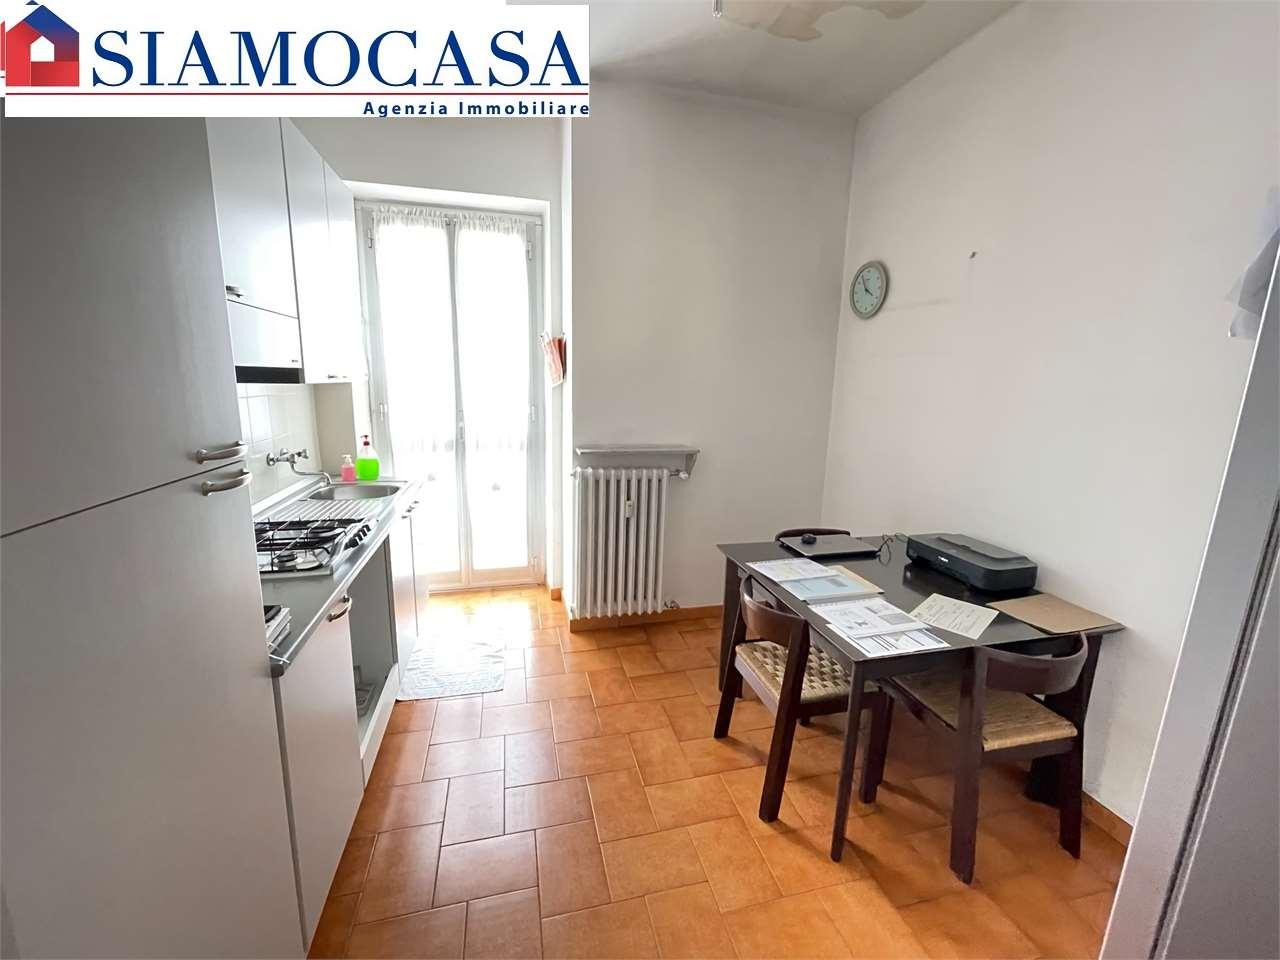 Vendita Trilocale Appartamento Alessandria 262088